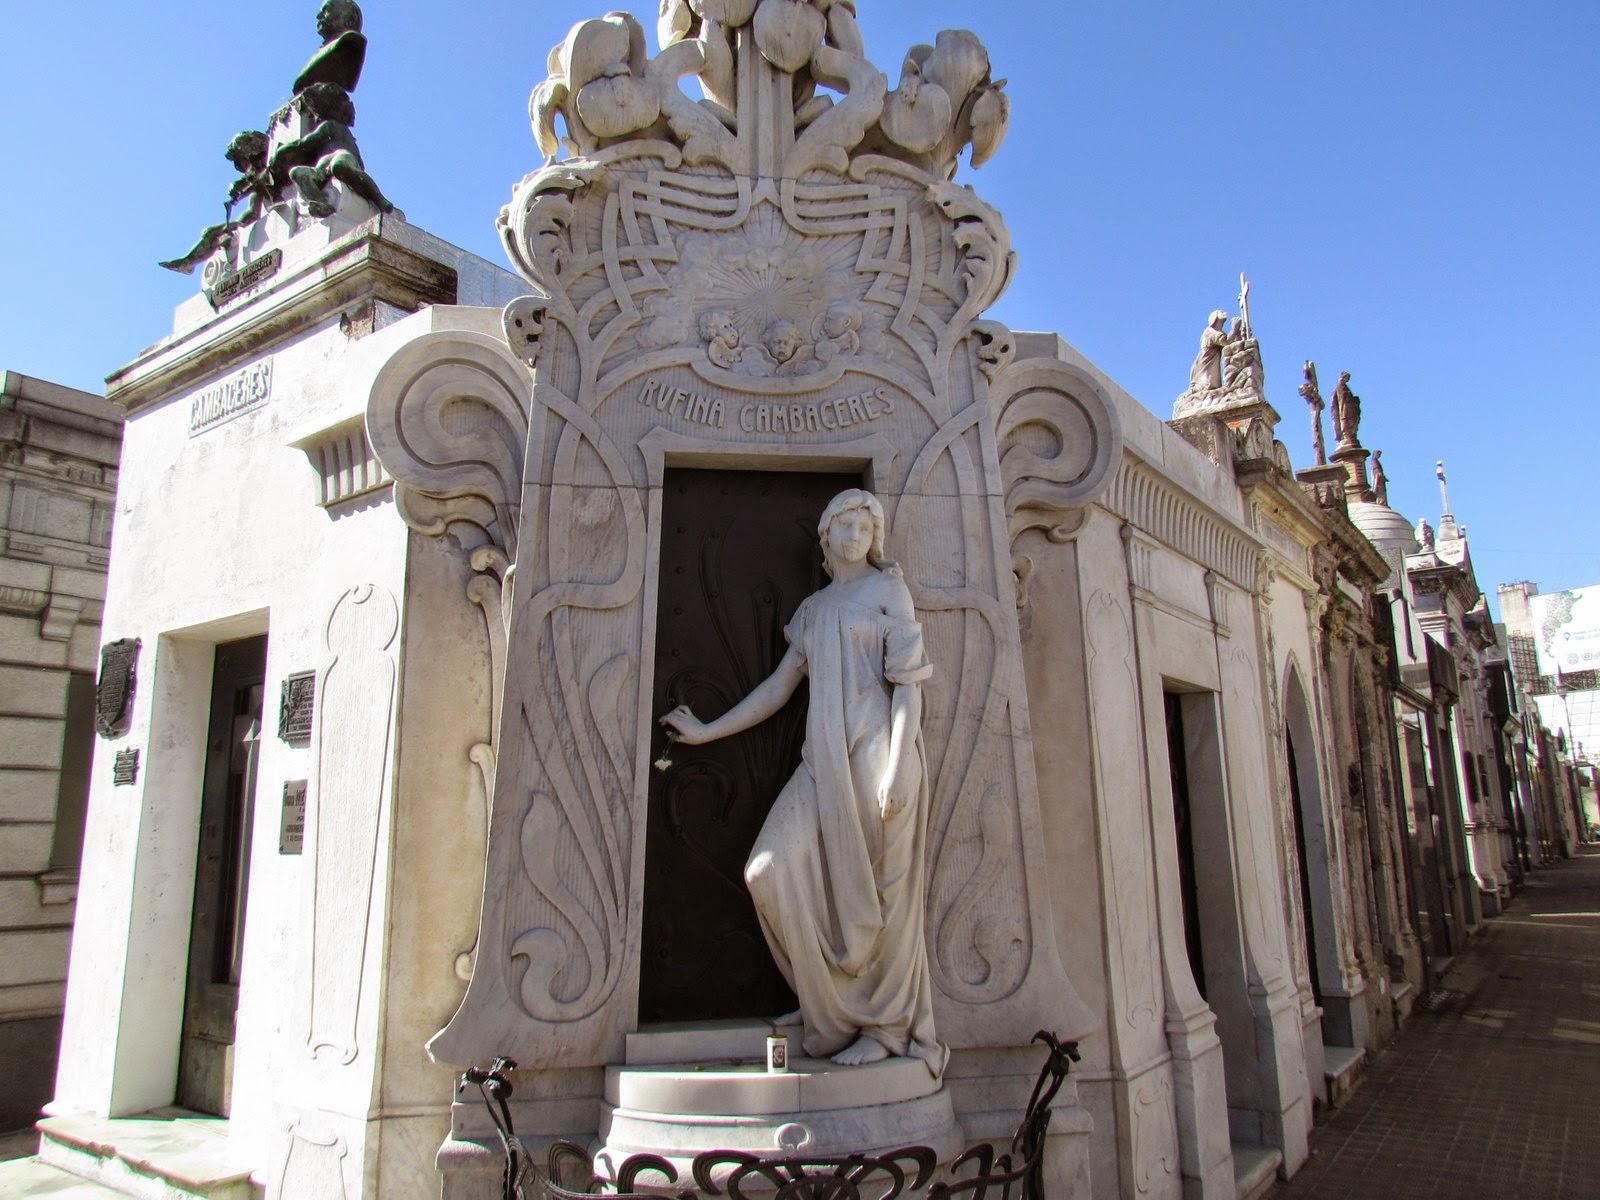 Rufina Cambaceres túmulo no cemitério de la Recoleta